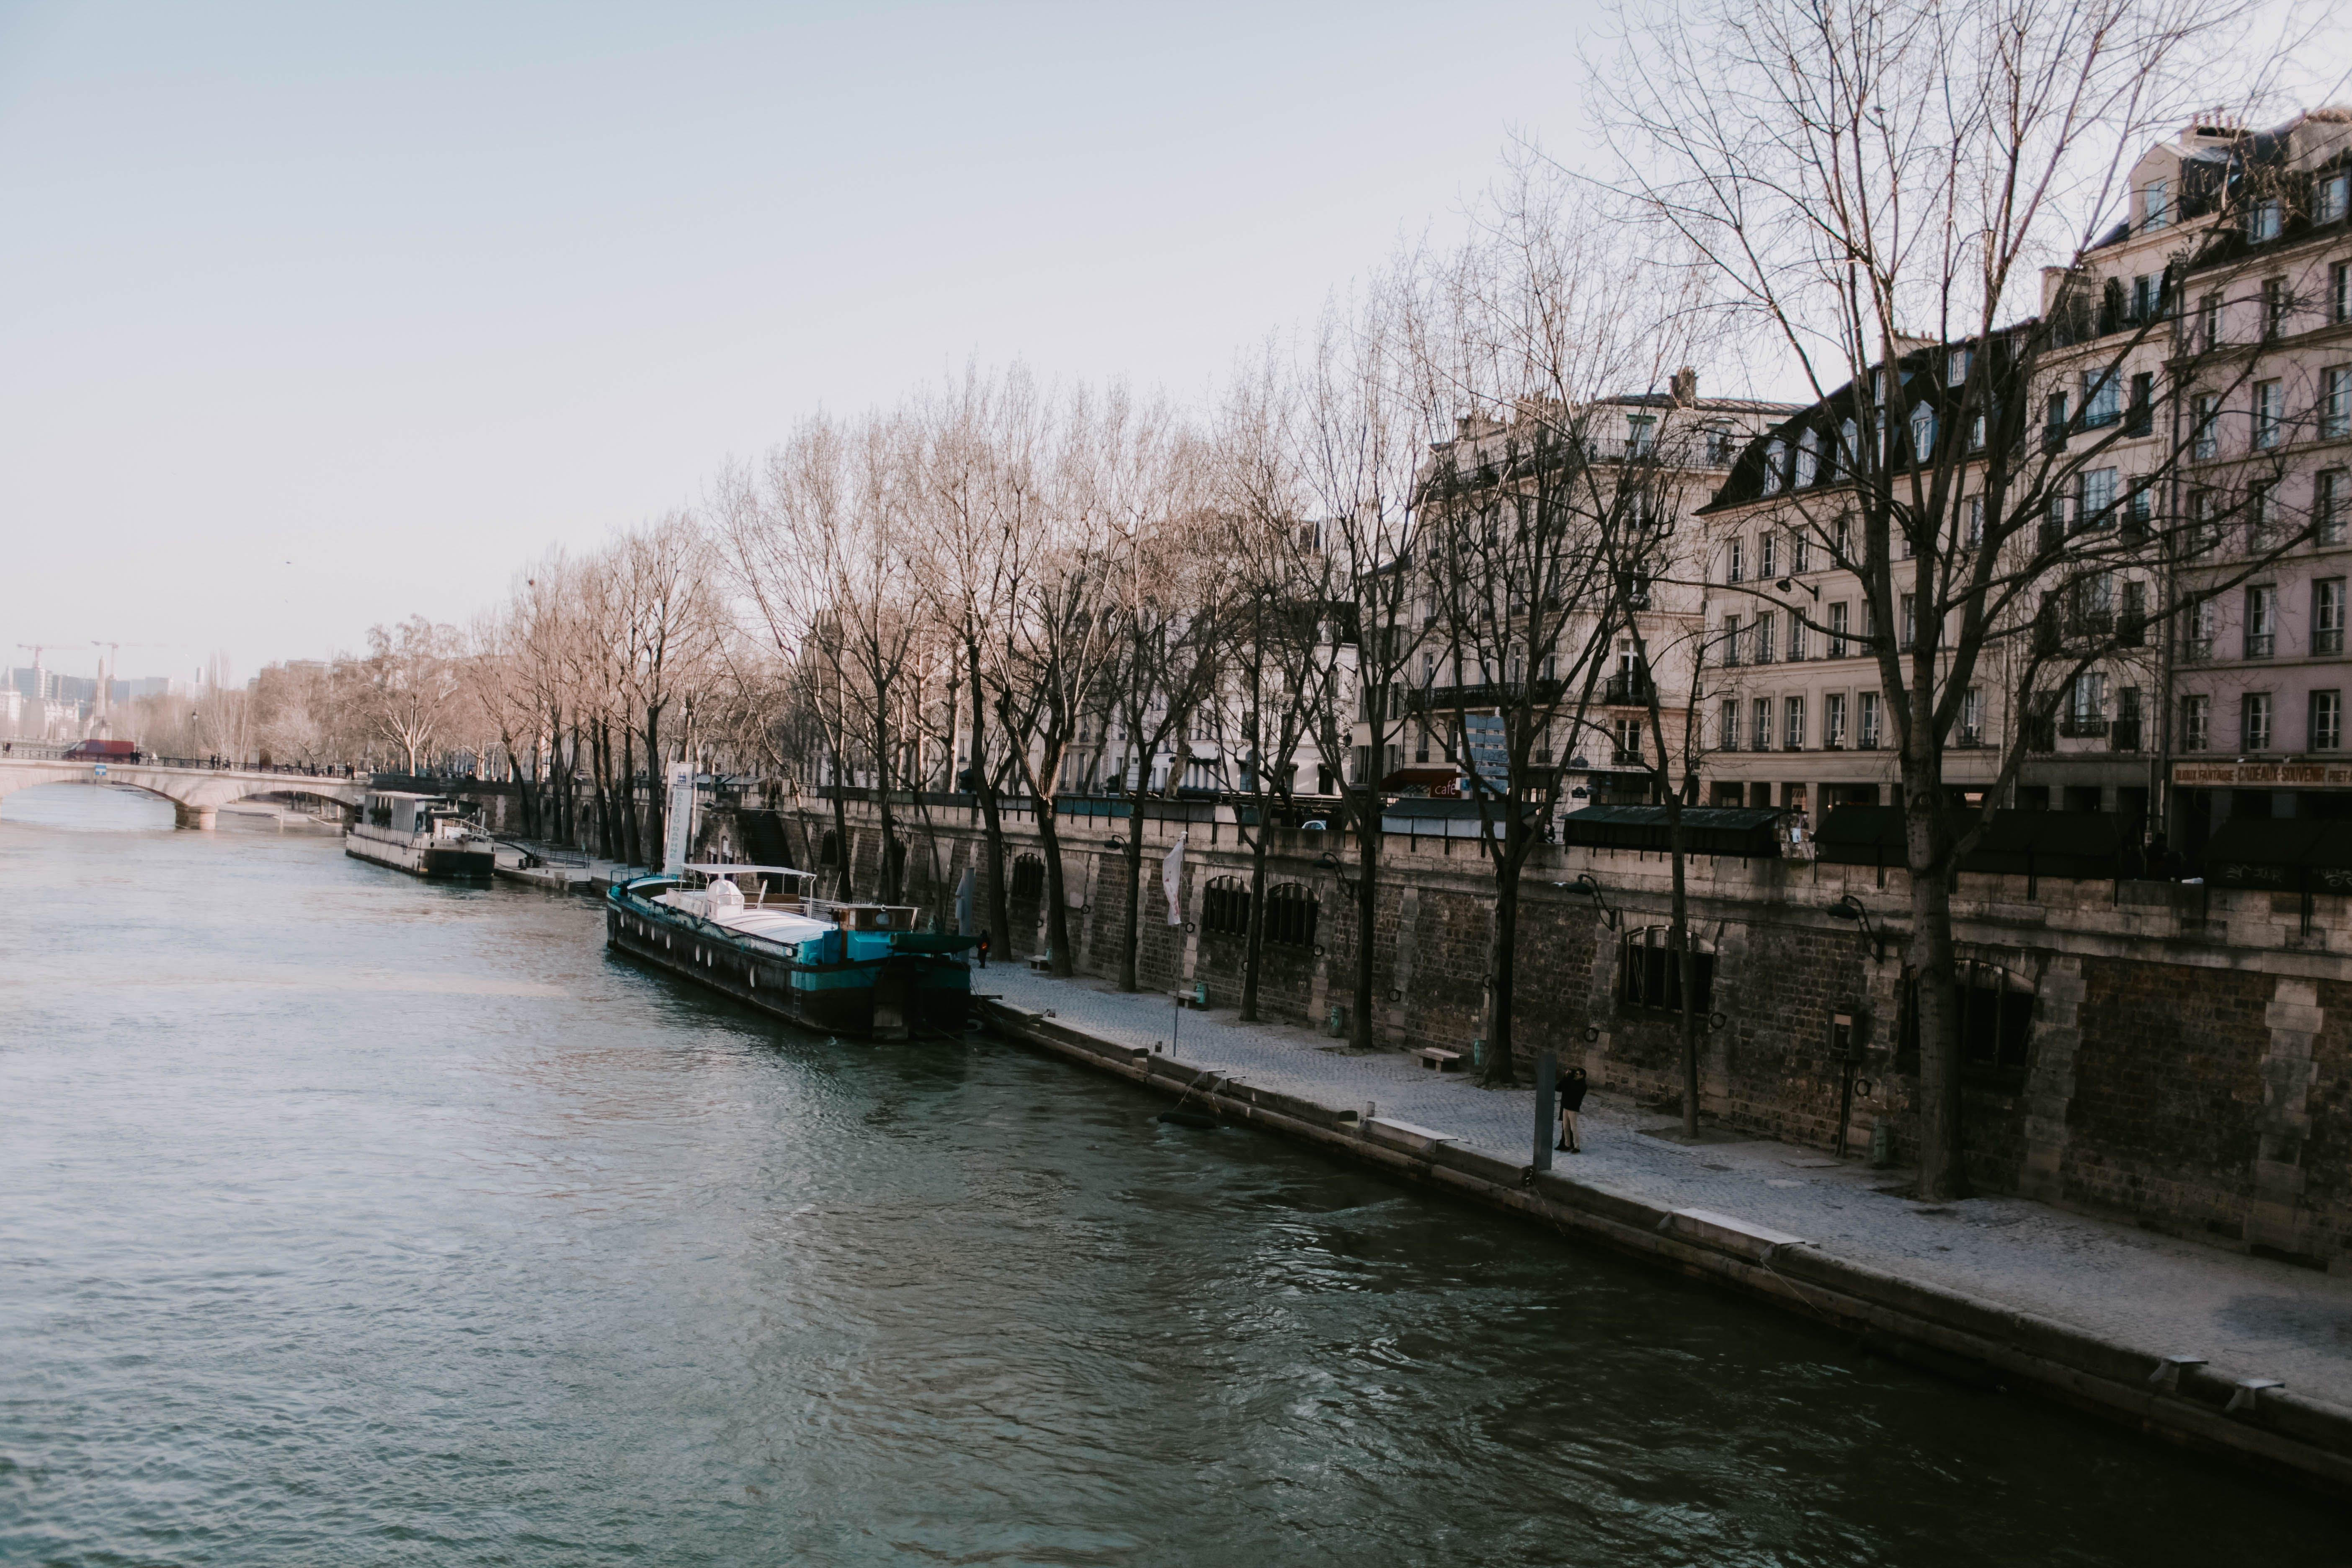 강가, 건물, 건축, 경치의 무료 스톡 사진